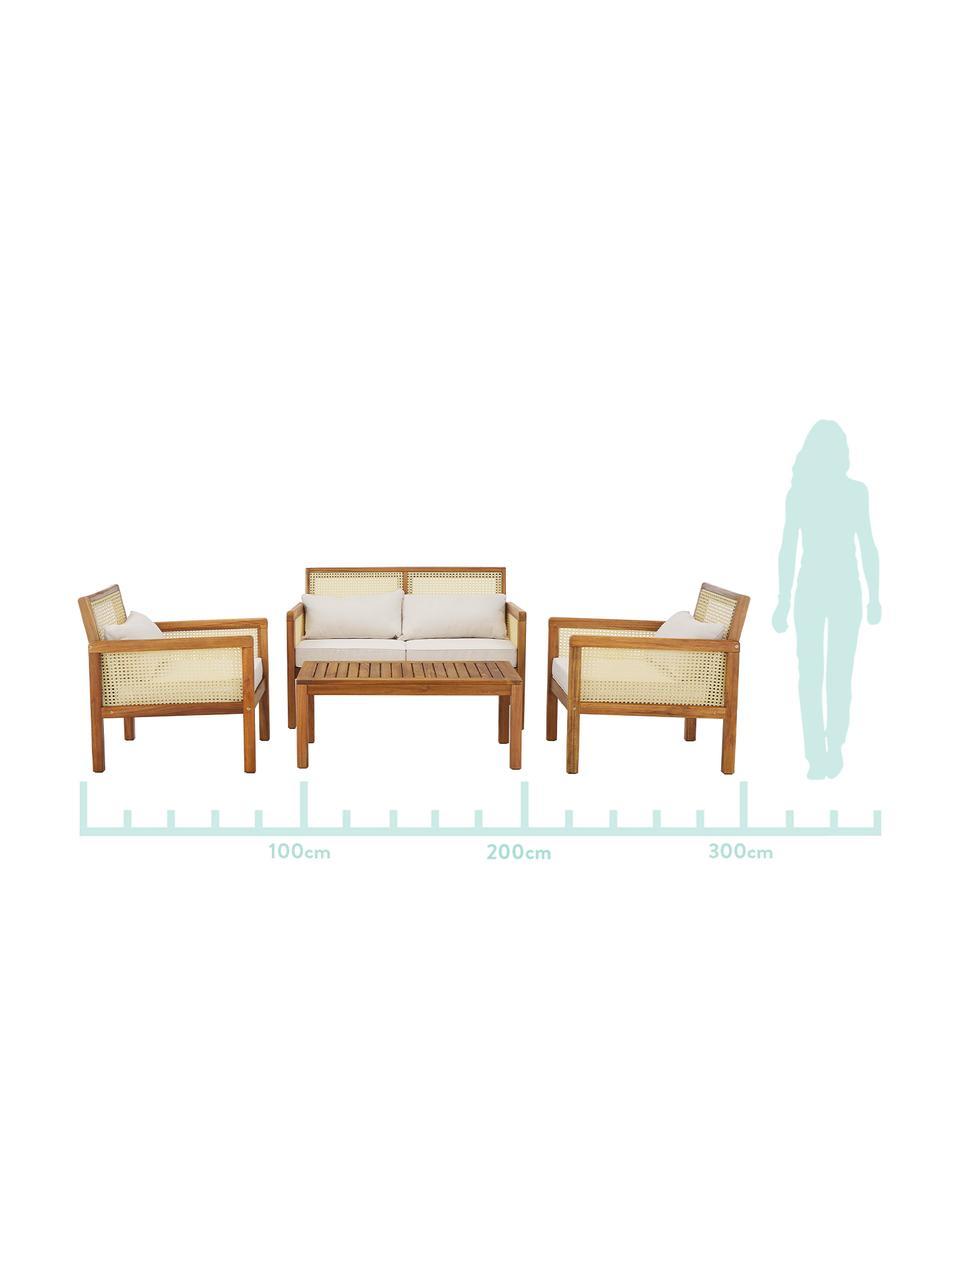 Tuin loungeset Vie met Weens vlechtwerk, 4-delig, Beige, Set met verschillende formaten